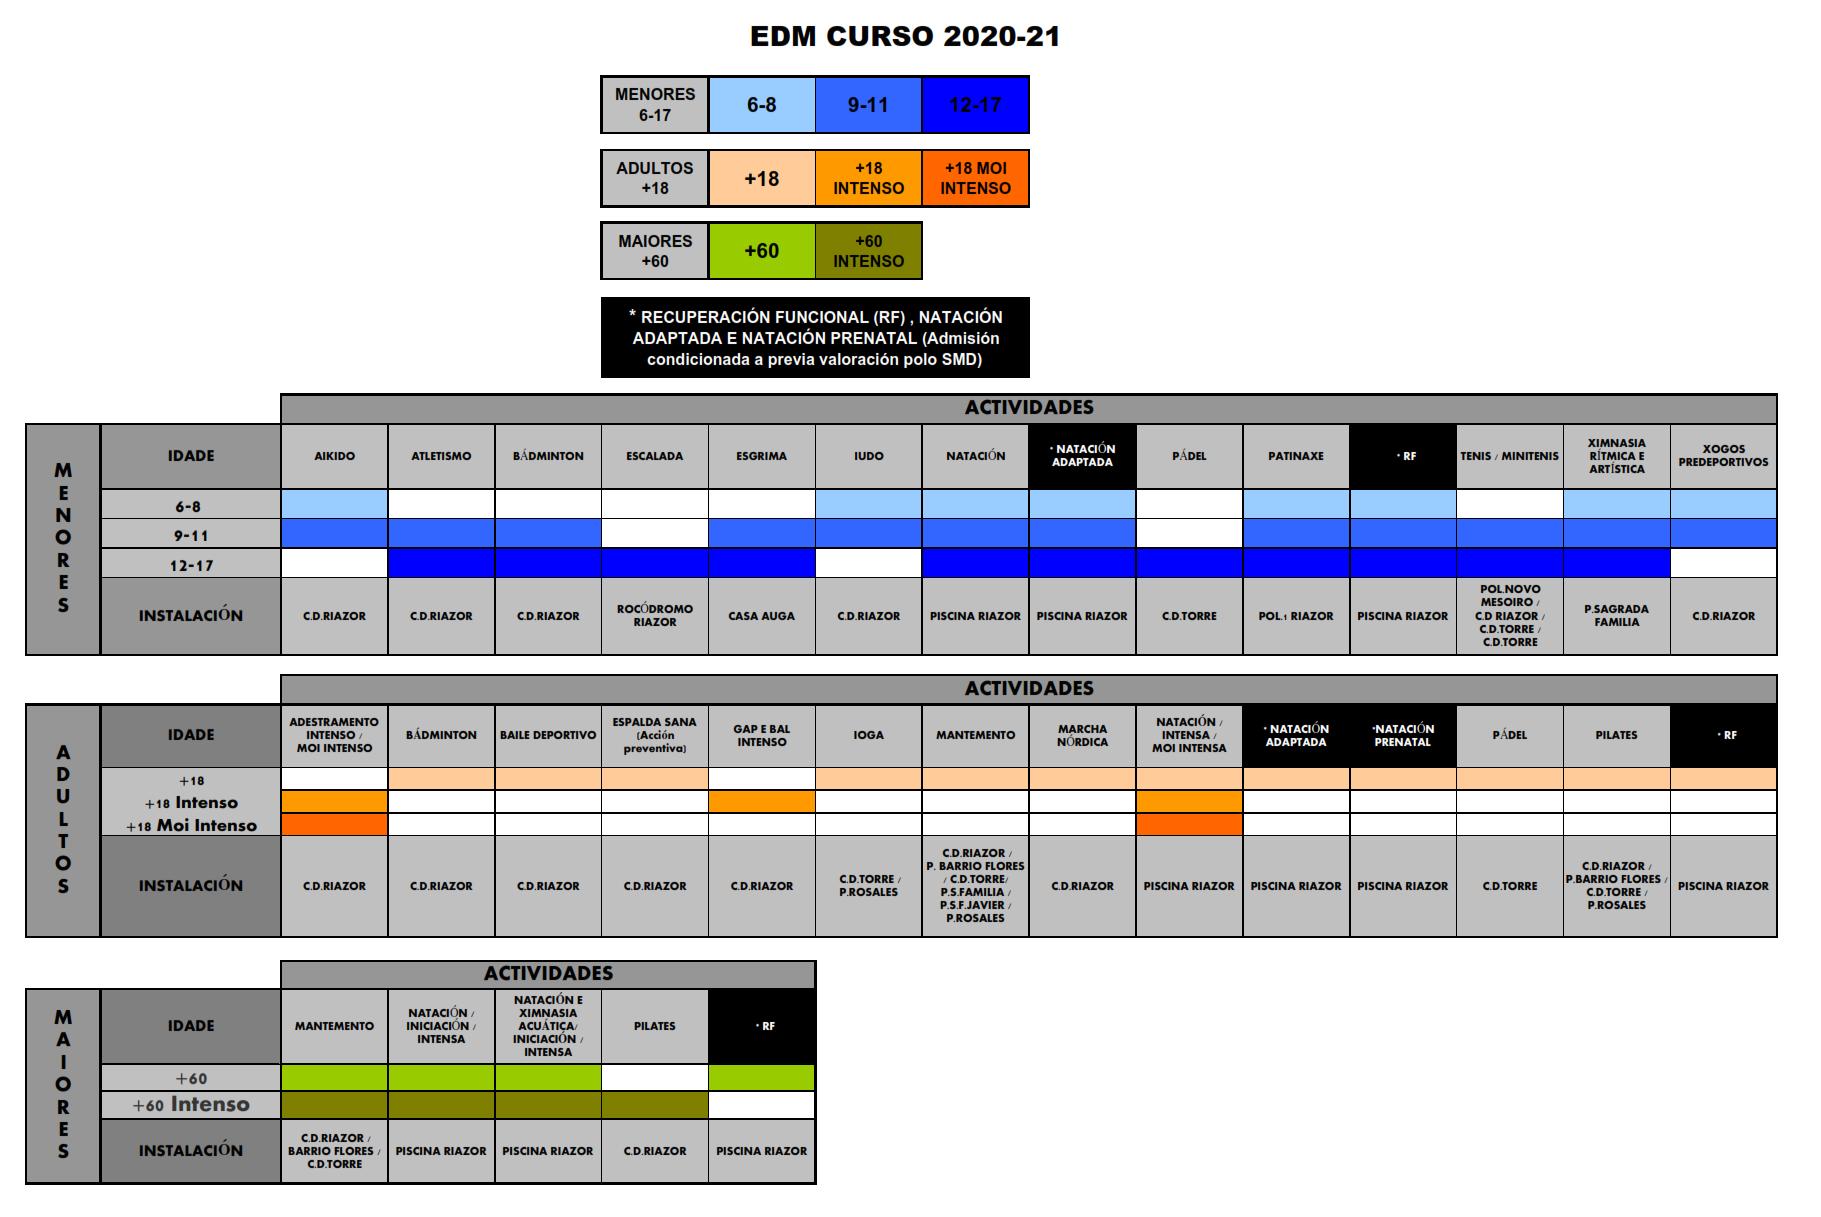 EDM-GRAFICO-13-11-2020